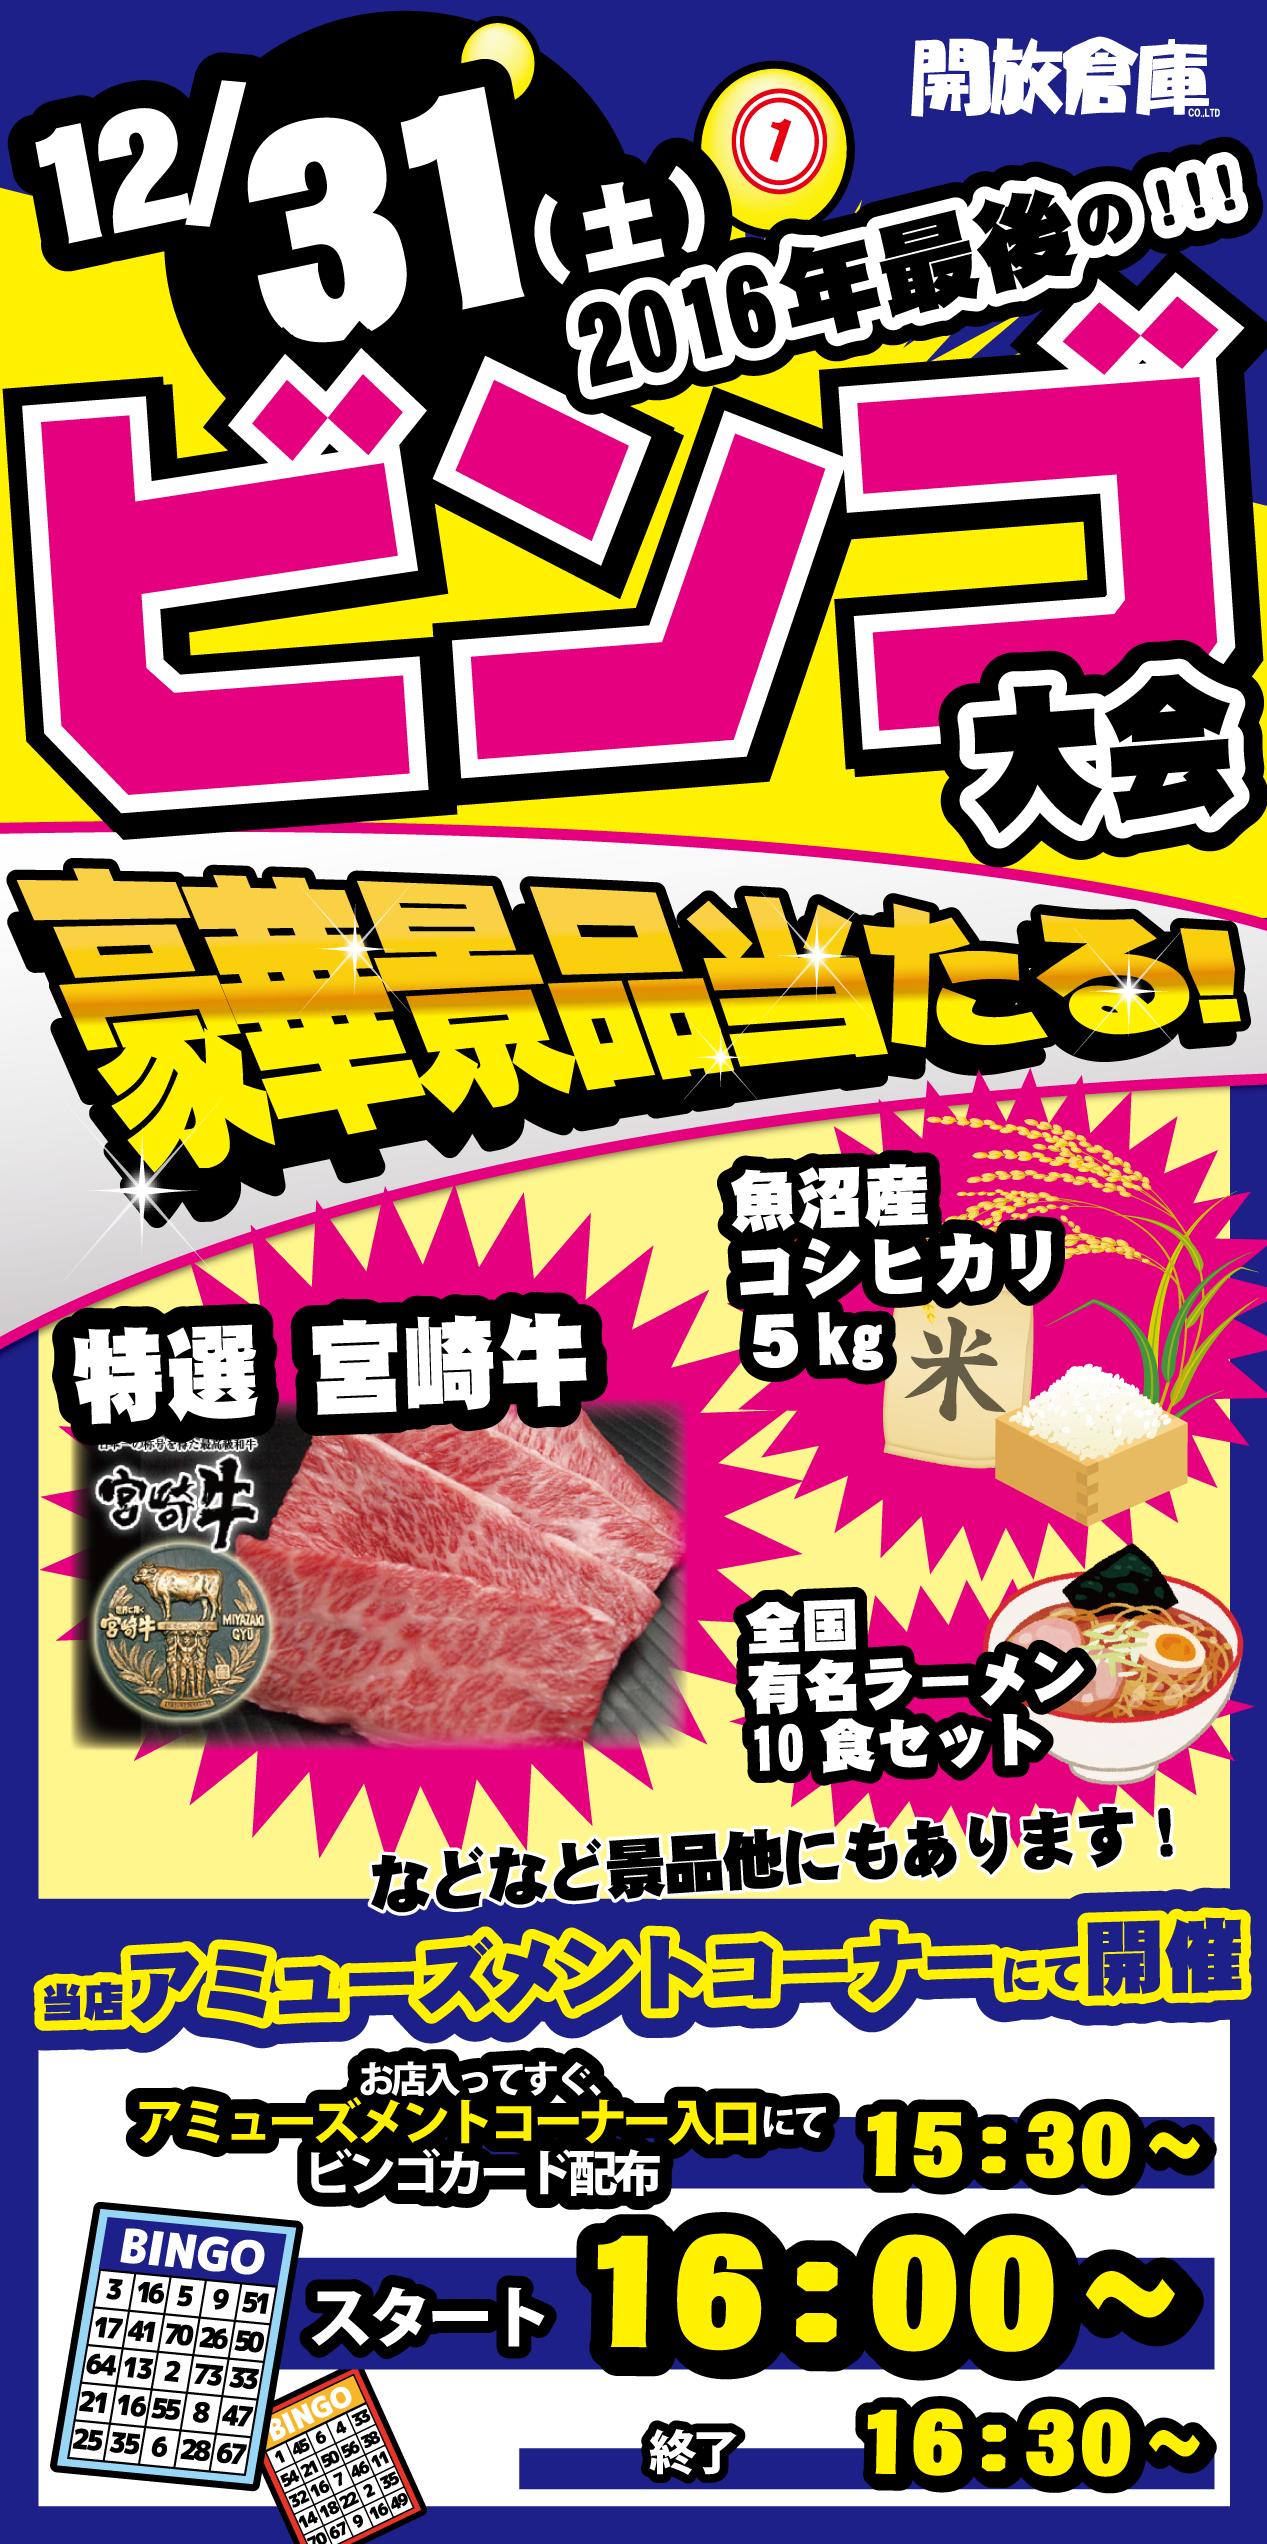 「開放倉庫福山店」2016年最後の!!!ビンゴ大会!12月31日(土)